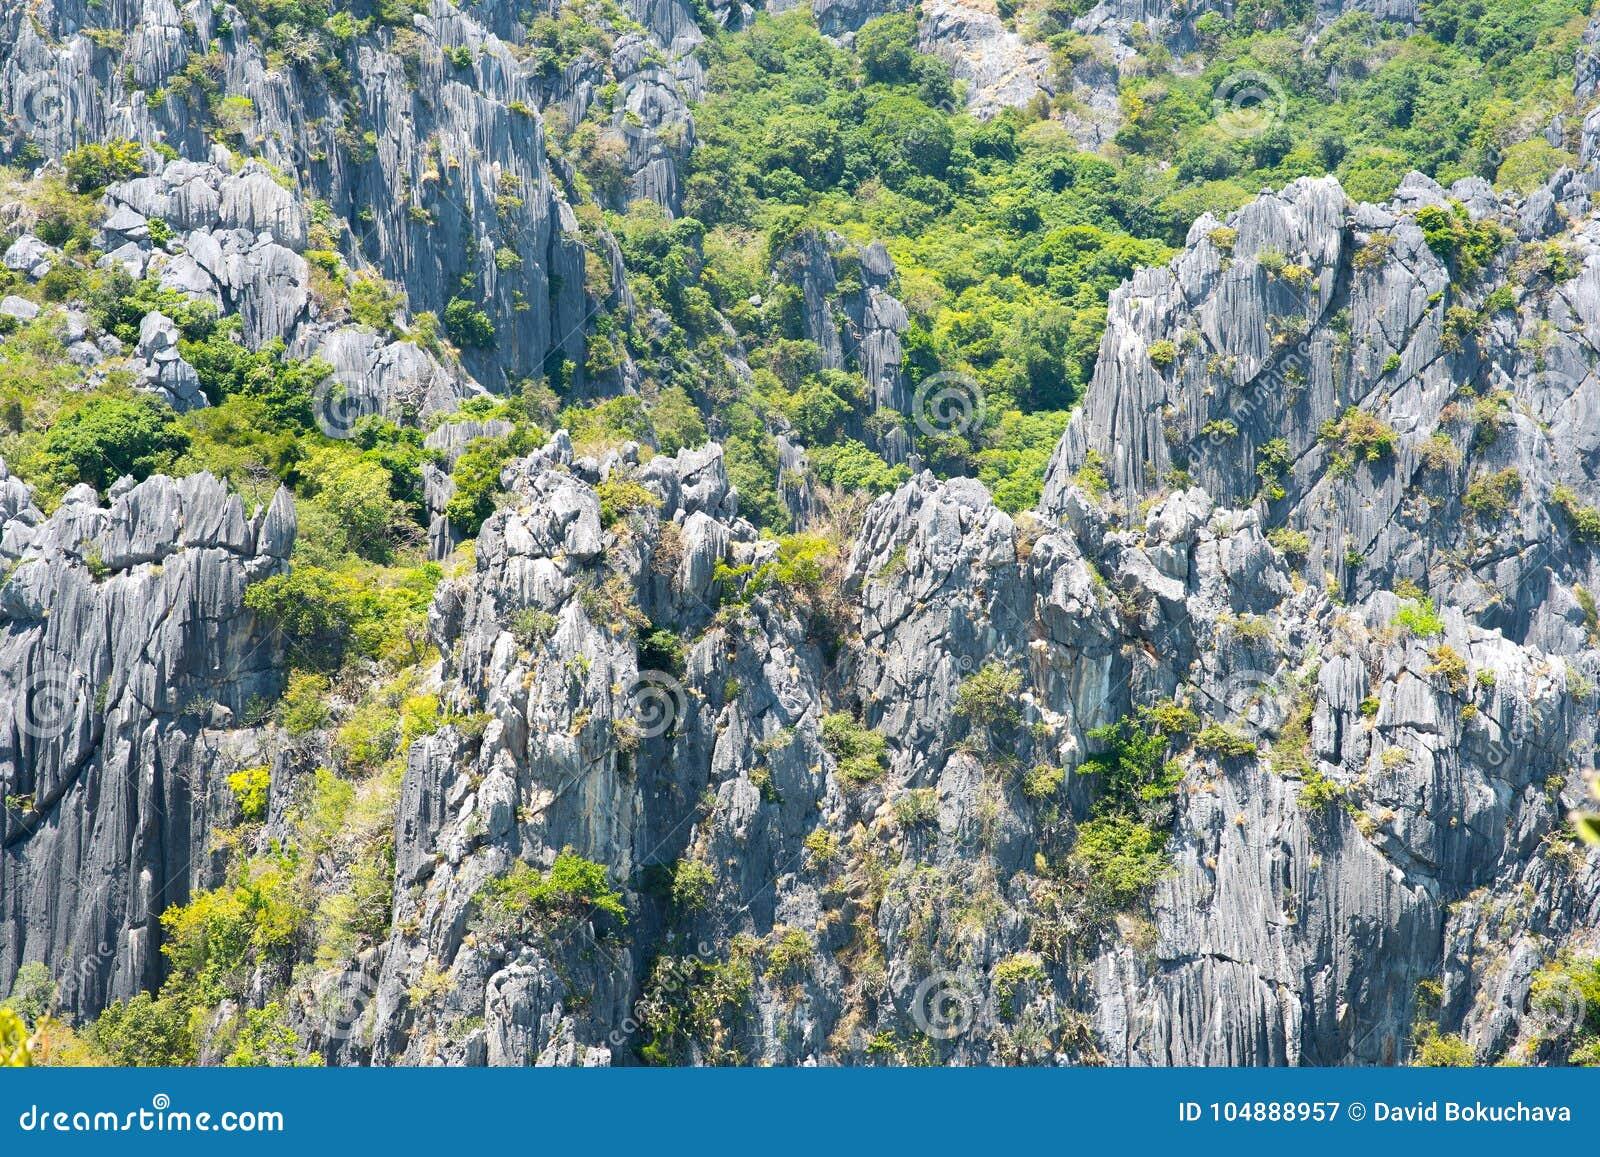 Roches de Khao Sam Roi Yot National Park